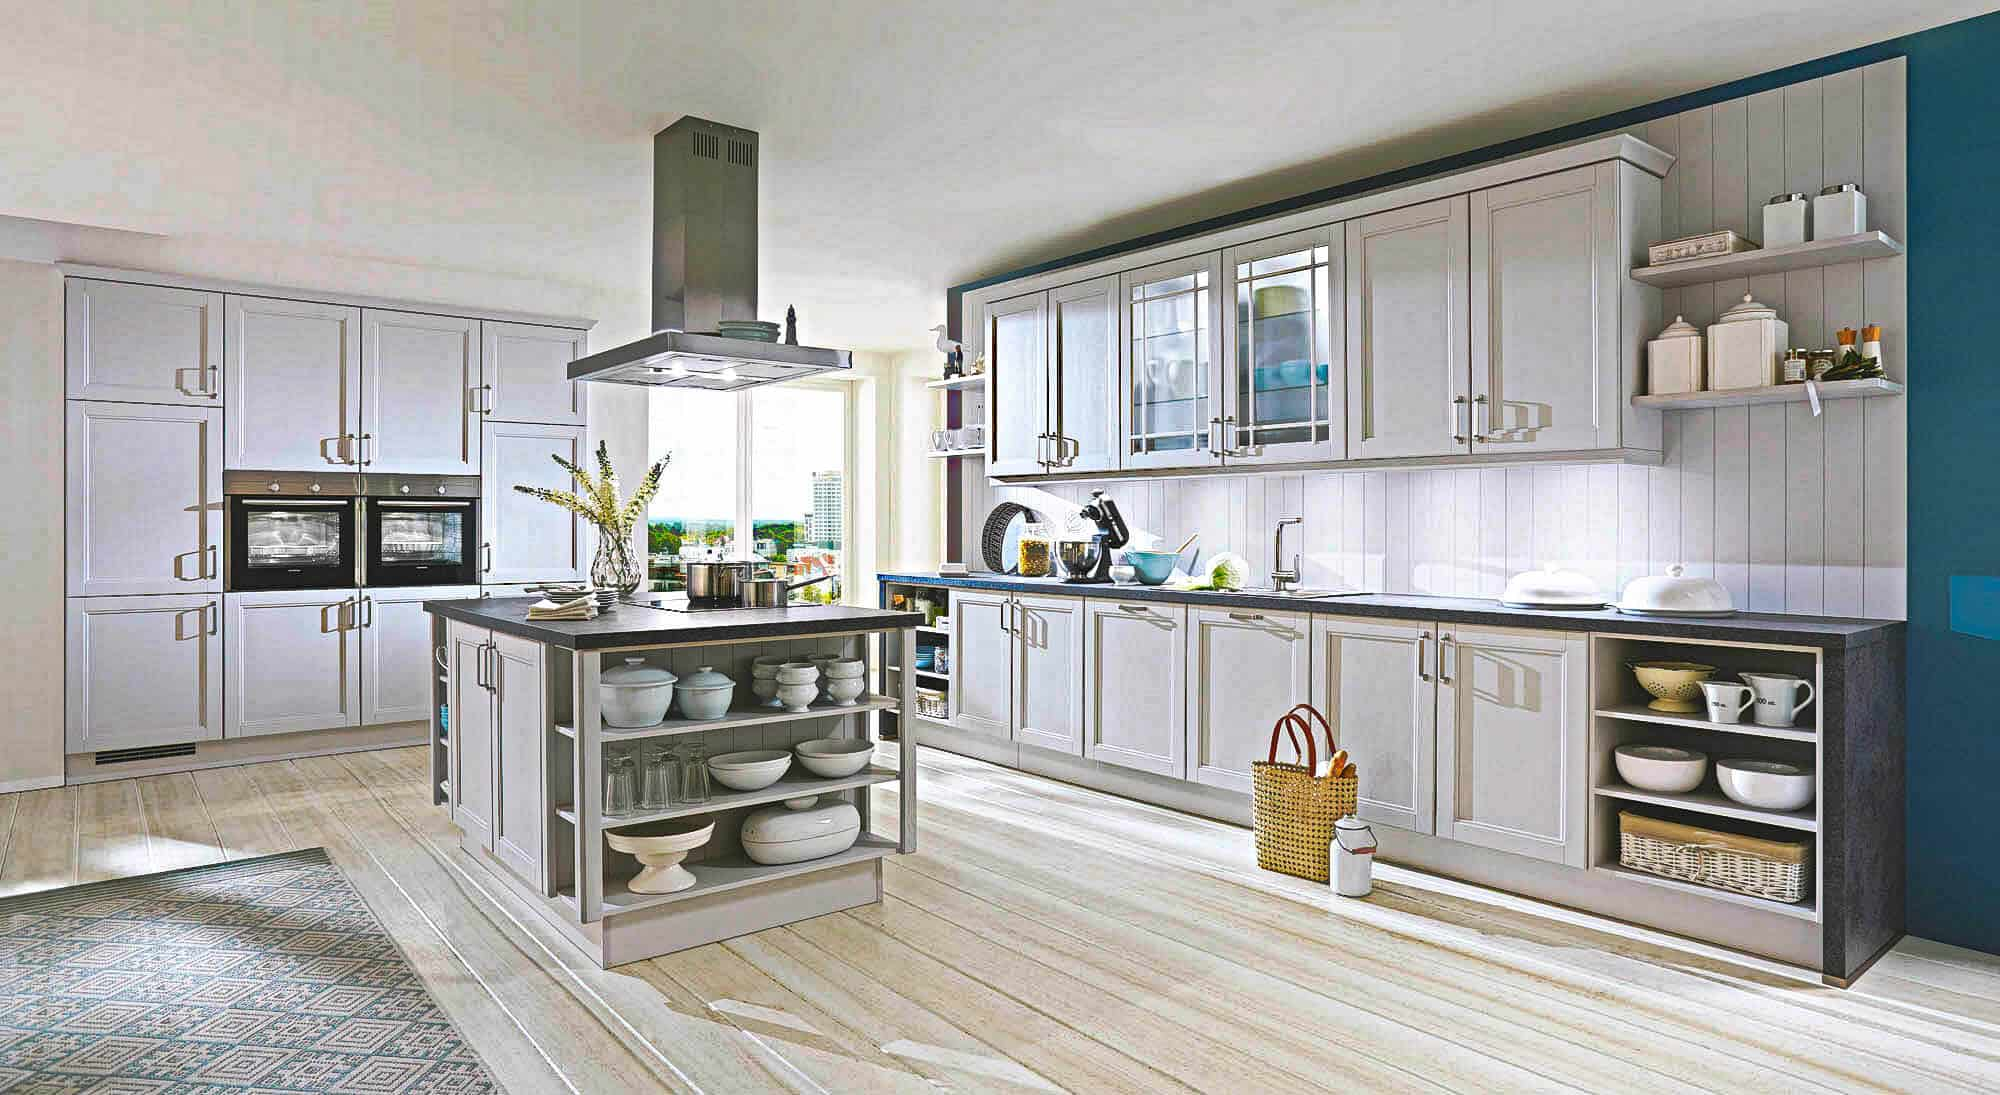 Erstaunlich Landhausküche Weiß Beste Wahl Küche